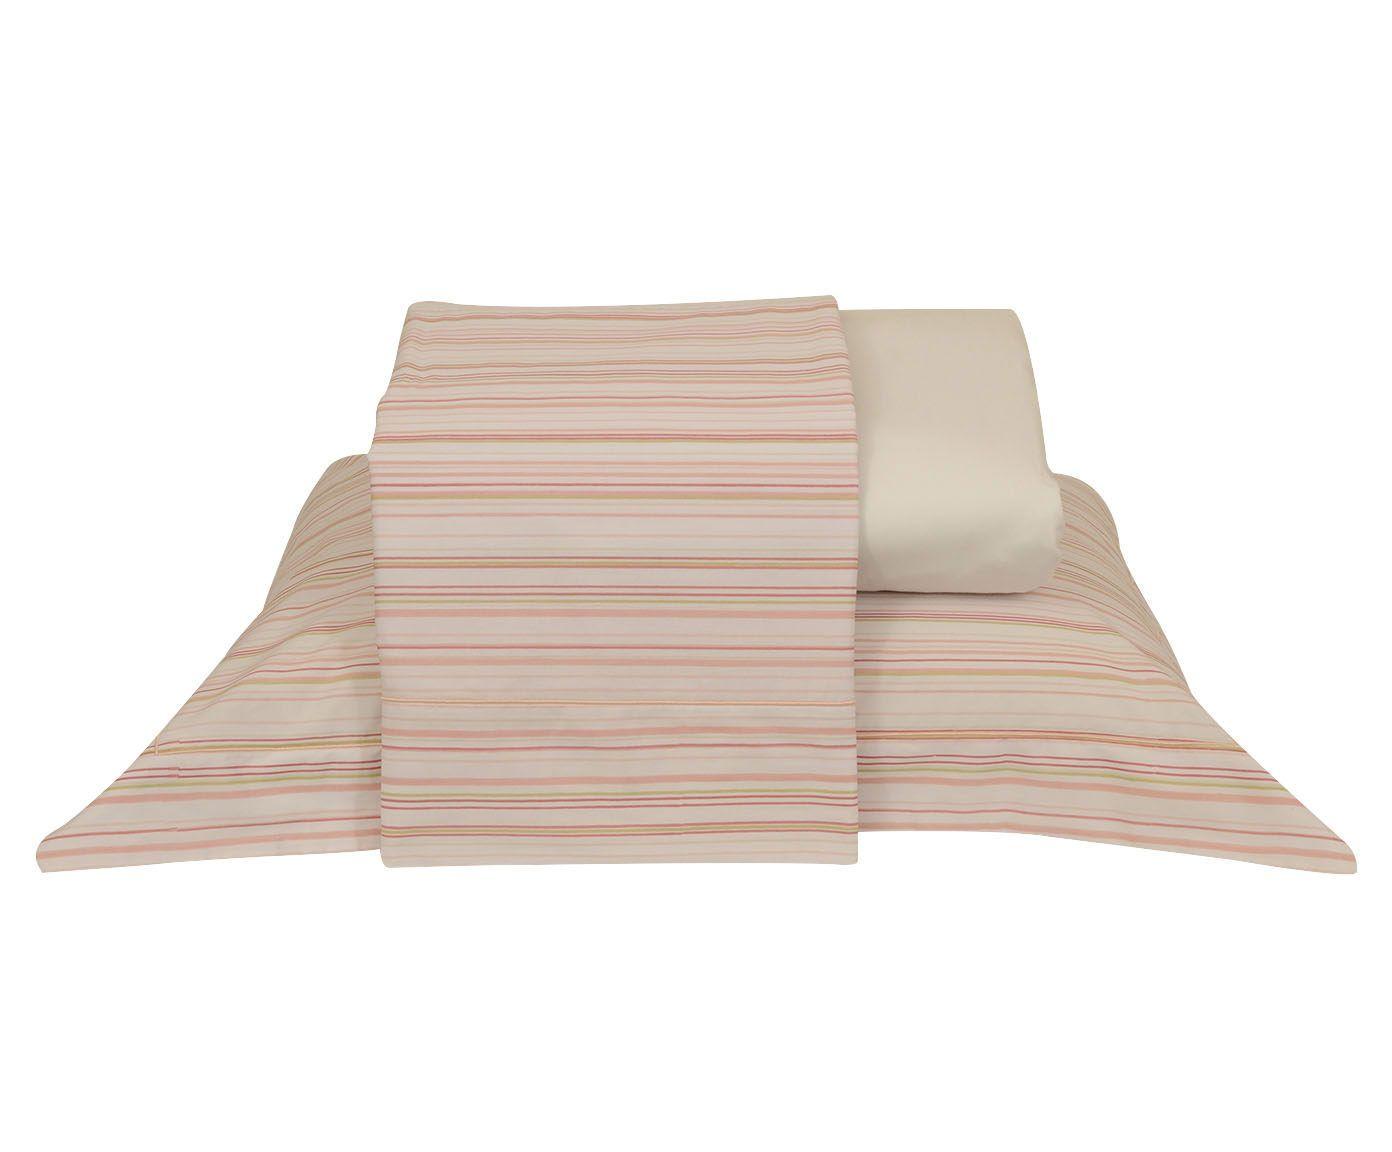 Jogo de lençol nobre para king size 200 fios | Westwing.com.br